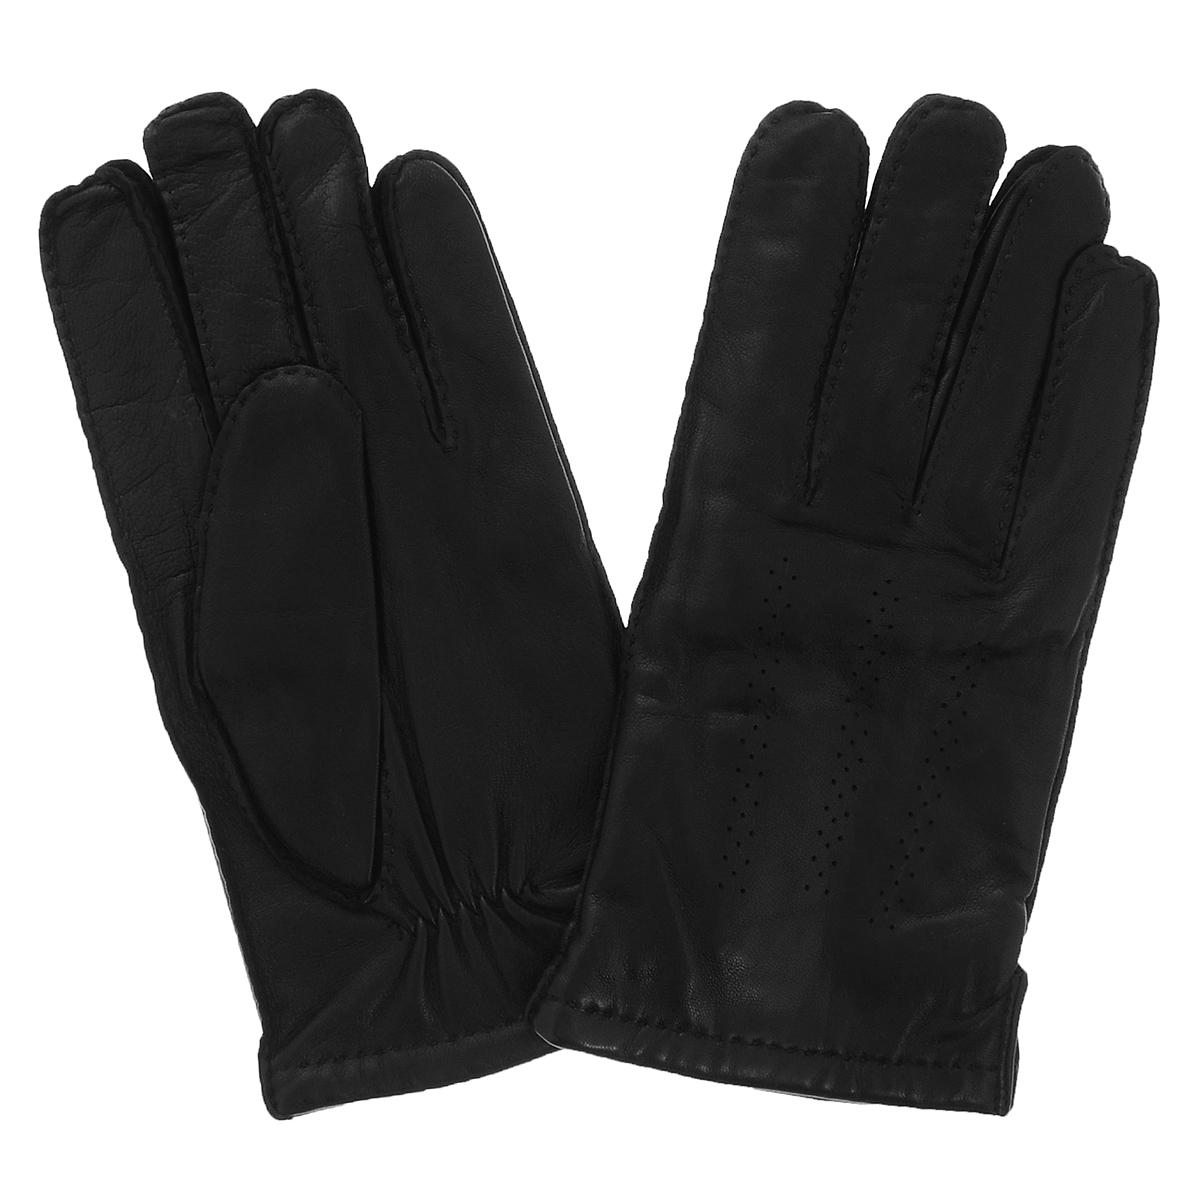 Перчатки мужские Dali Exclusive, цвет: черный. 100_GRES/BL. Размер 8,5100_GRES/BLКлассические мужские перчатки Dali Exclusive не только защитят ваши руки, но и станут великолепным украшением. Перчатки выполнены из чрезвычайно мягкой и приятной на ощупь натуральной кожи ягненка, а их подкладка - из натуральной овечьей шерсти. Перчатки с внешней стороны оформлены декоративной перфорацией и стежками.Модель благодаря своему лаконичному исполнению прекрасно дополнит образ любого мужчины и сделает его более стильным, придав тонкую нотку брутальности. Создайте элегантный образ и подчеркните свою яркую индивидуальность новым аксессуаром!